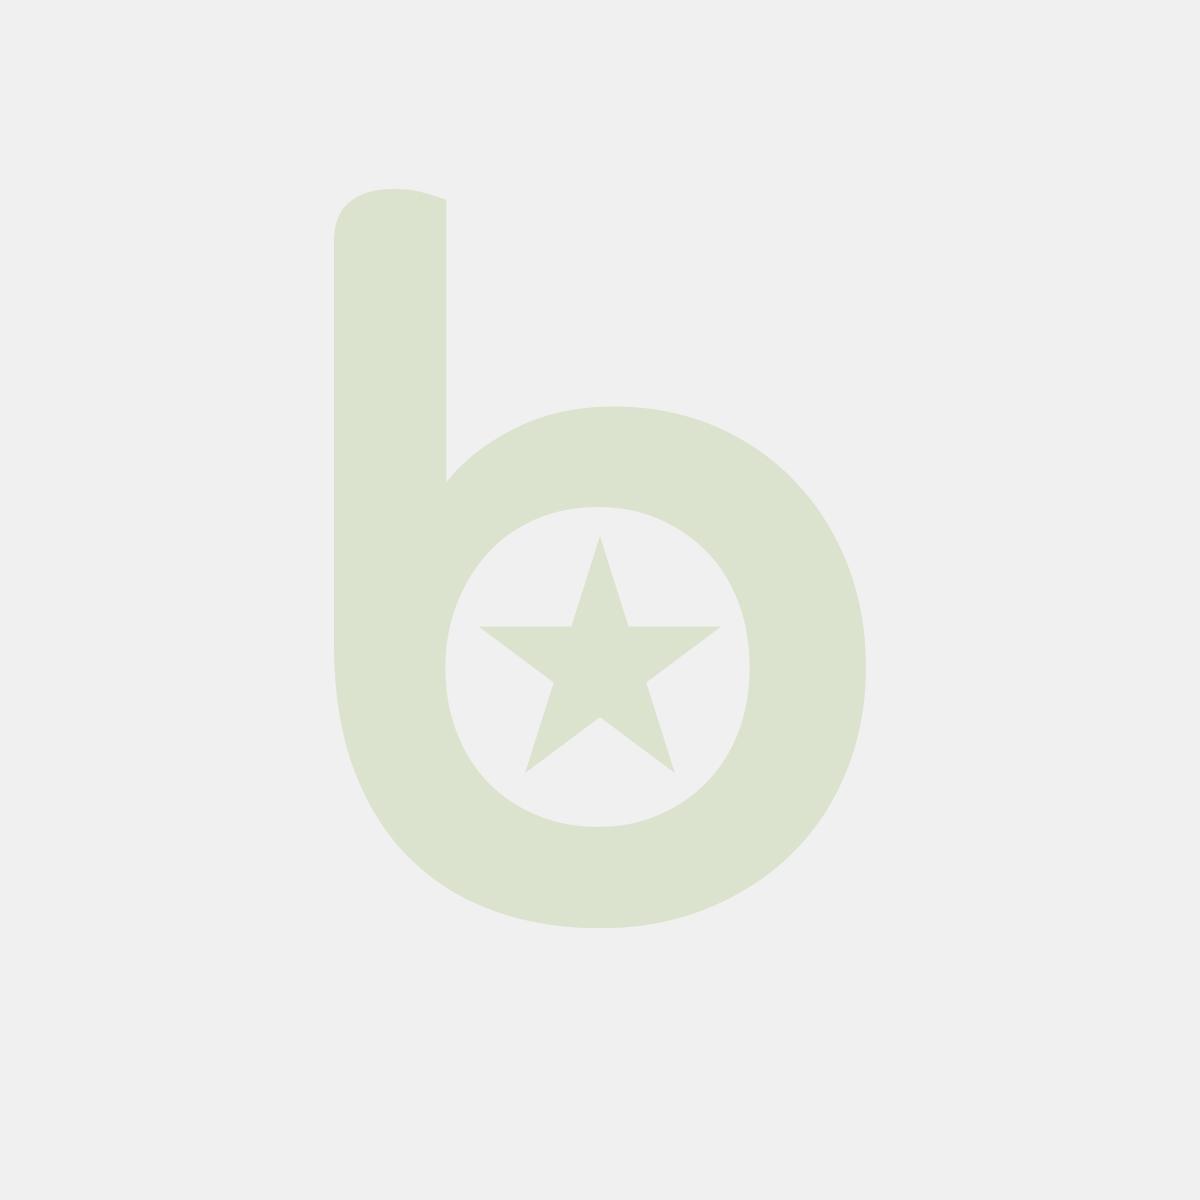 Szafy Mroźnicze Serii Budget Line Z Obudową Ze Stali Malowanej 555